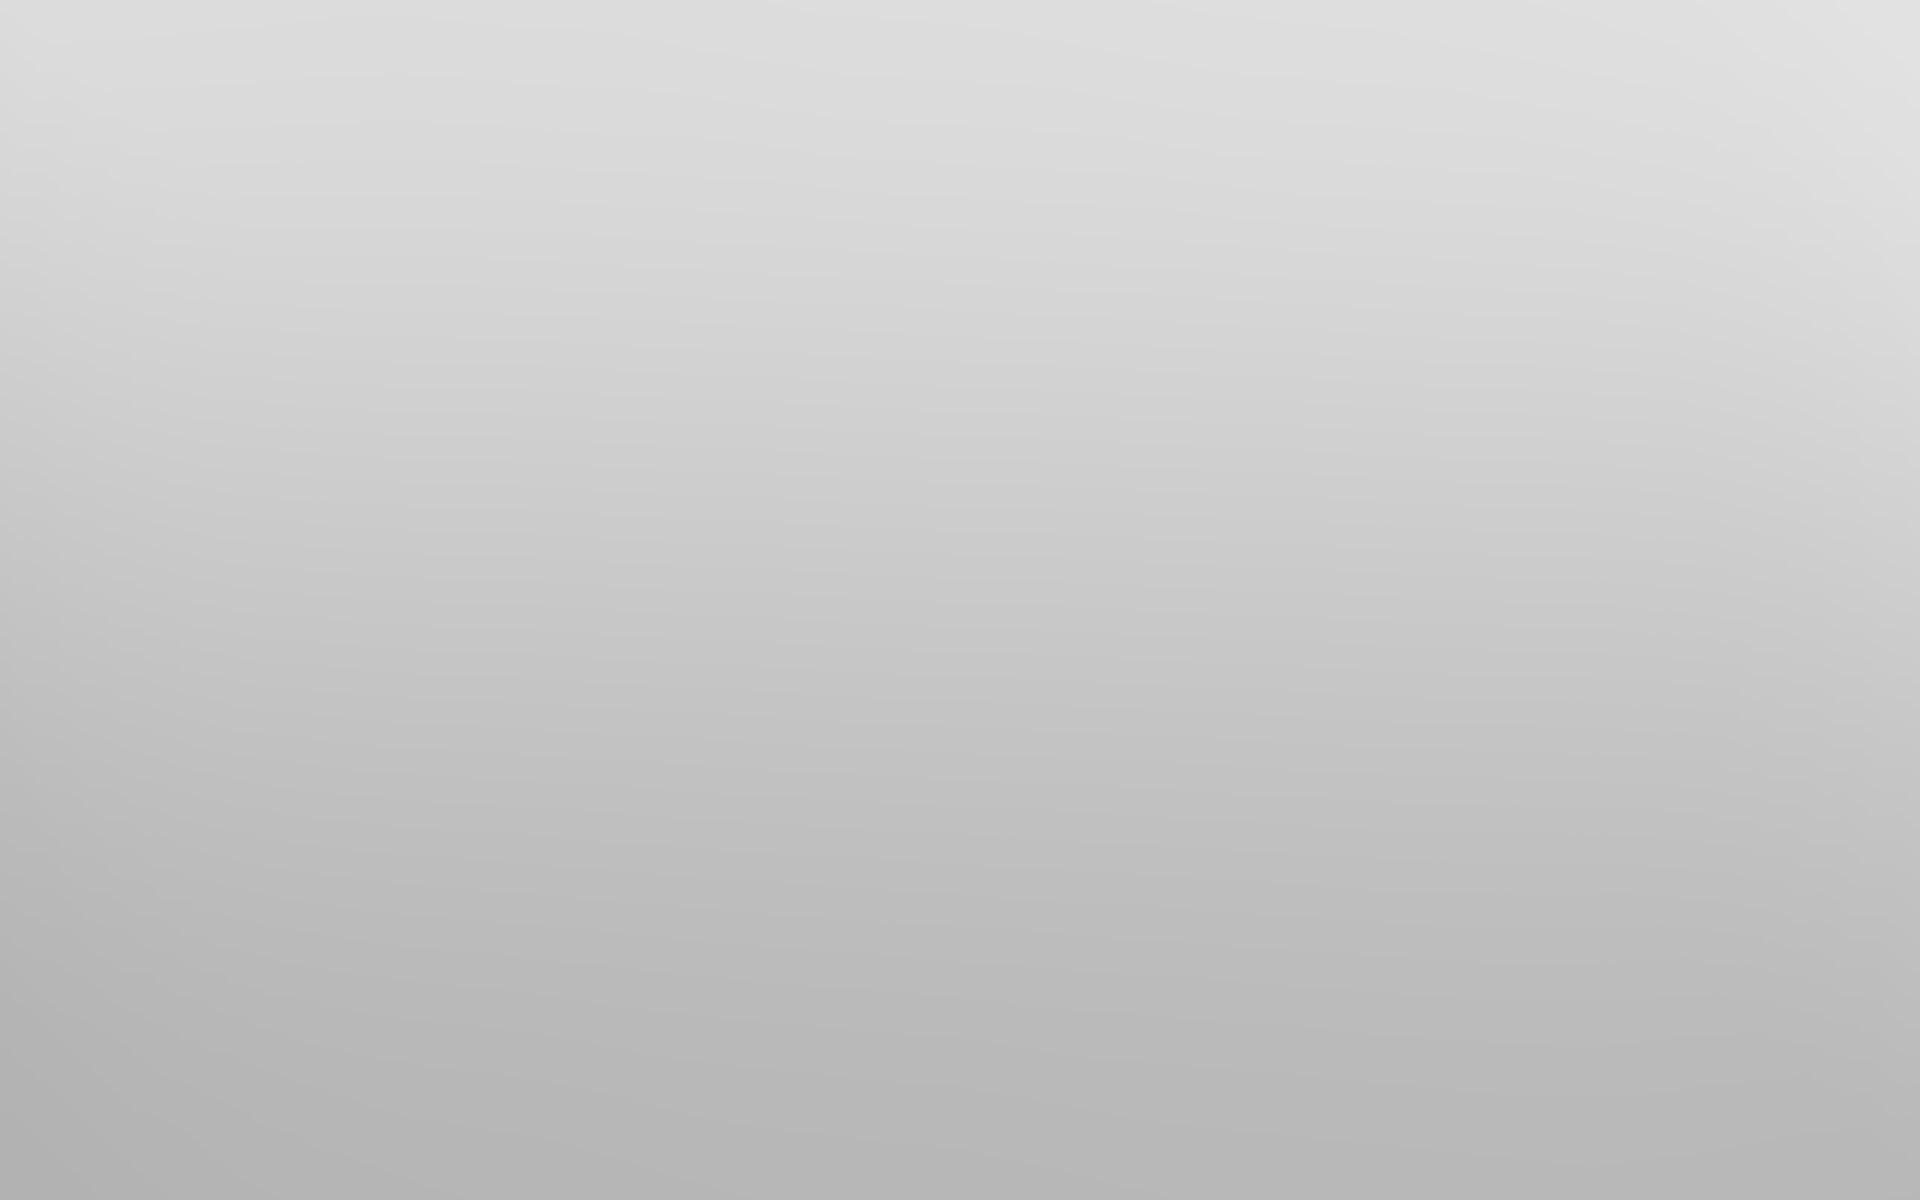 gradiente gris fondo de - photo #4